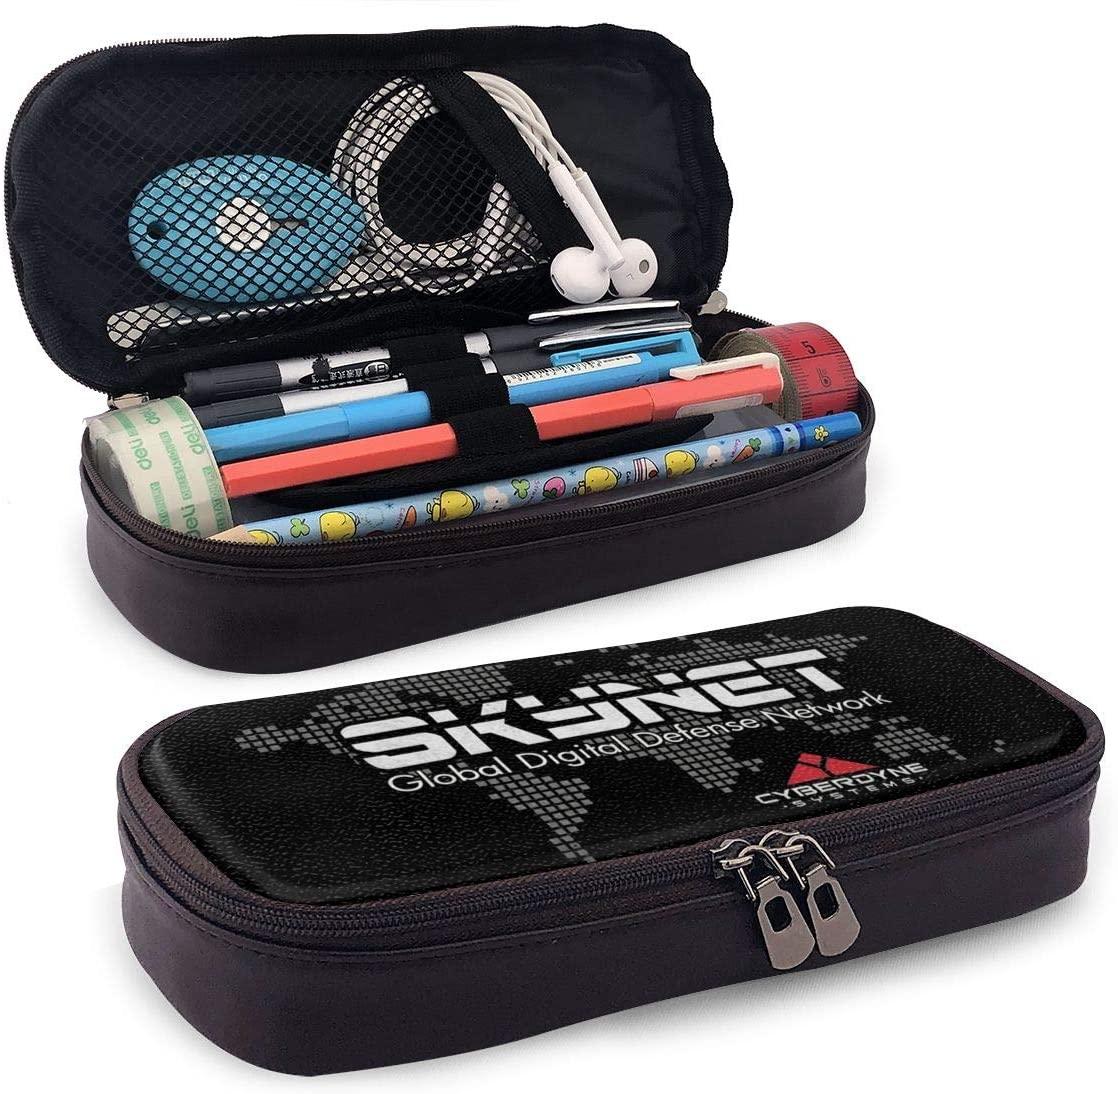 Skynet Teenager Pencil Bag, Small Tool Bag, Cosmetic Bag, Multi-Purpose Bag